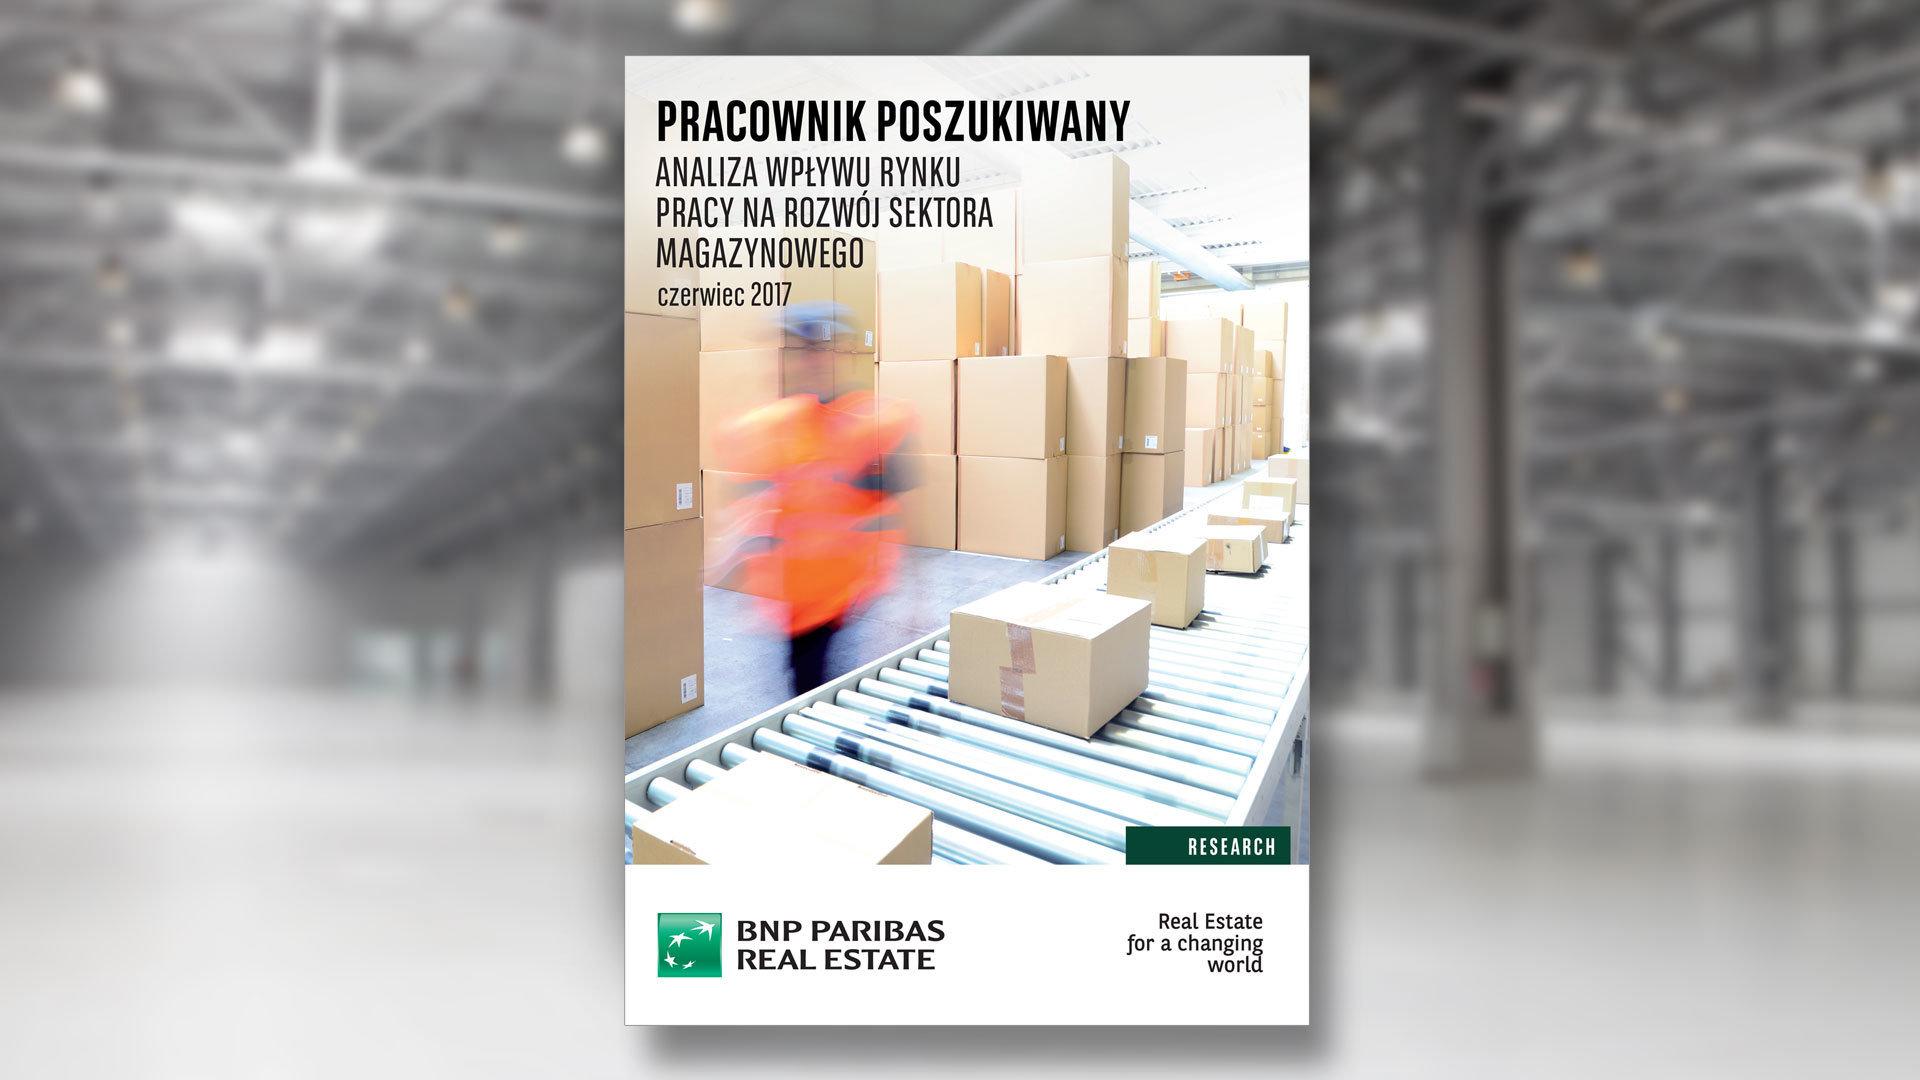 Pracownik poszukiwany: analiza wpływu rynku pracy na rozwój sektora magazynowego